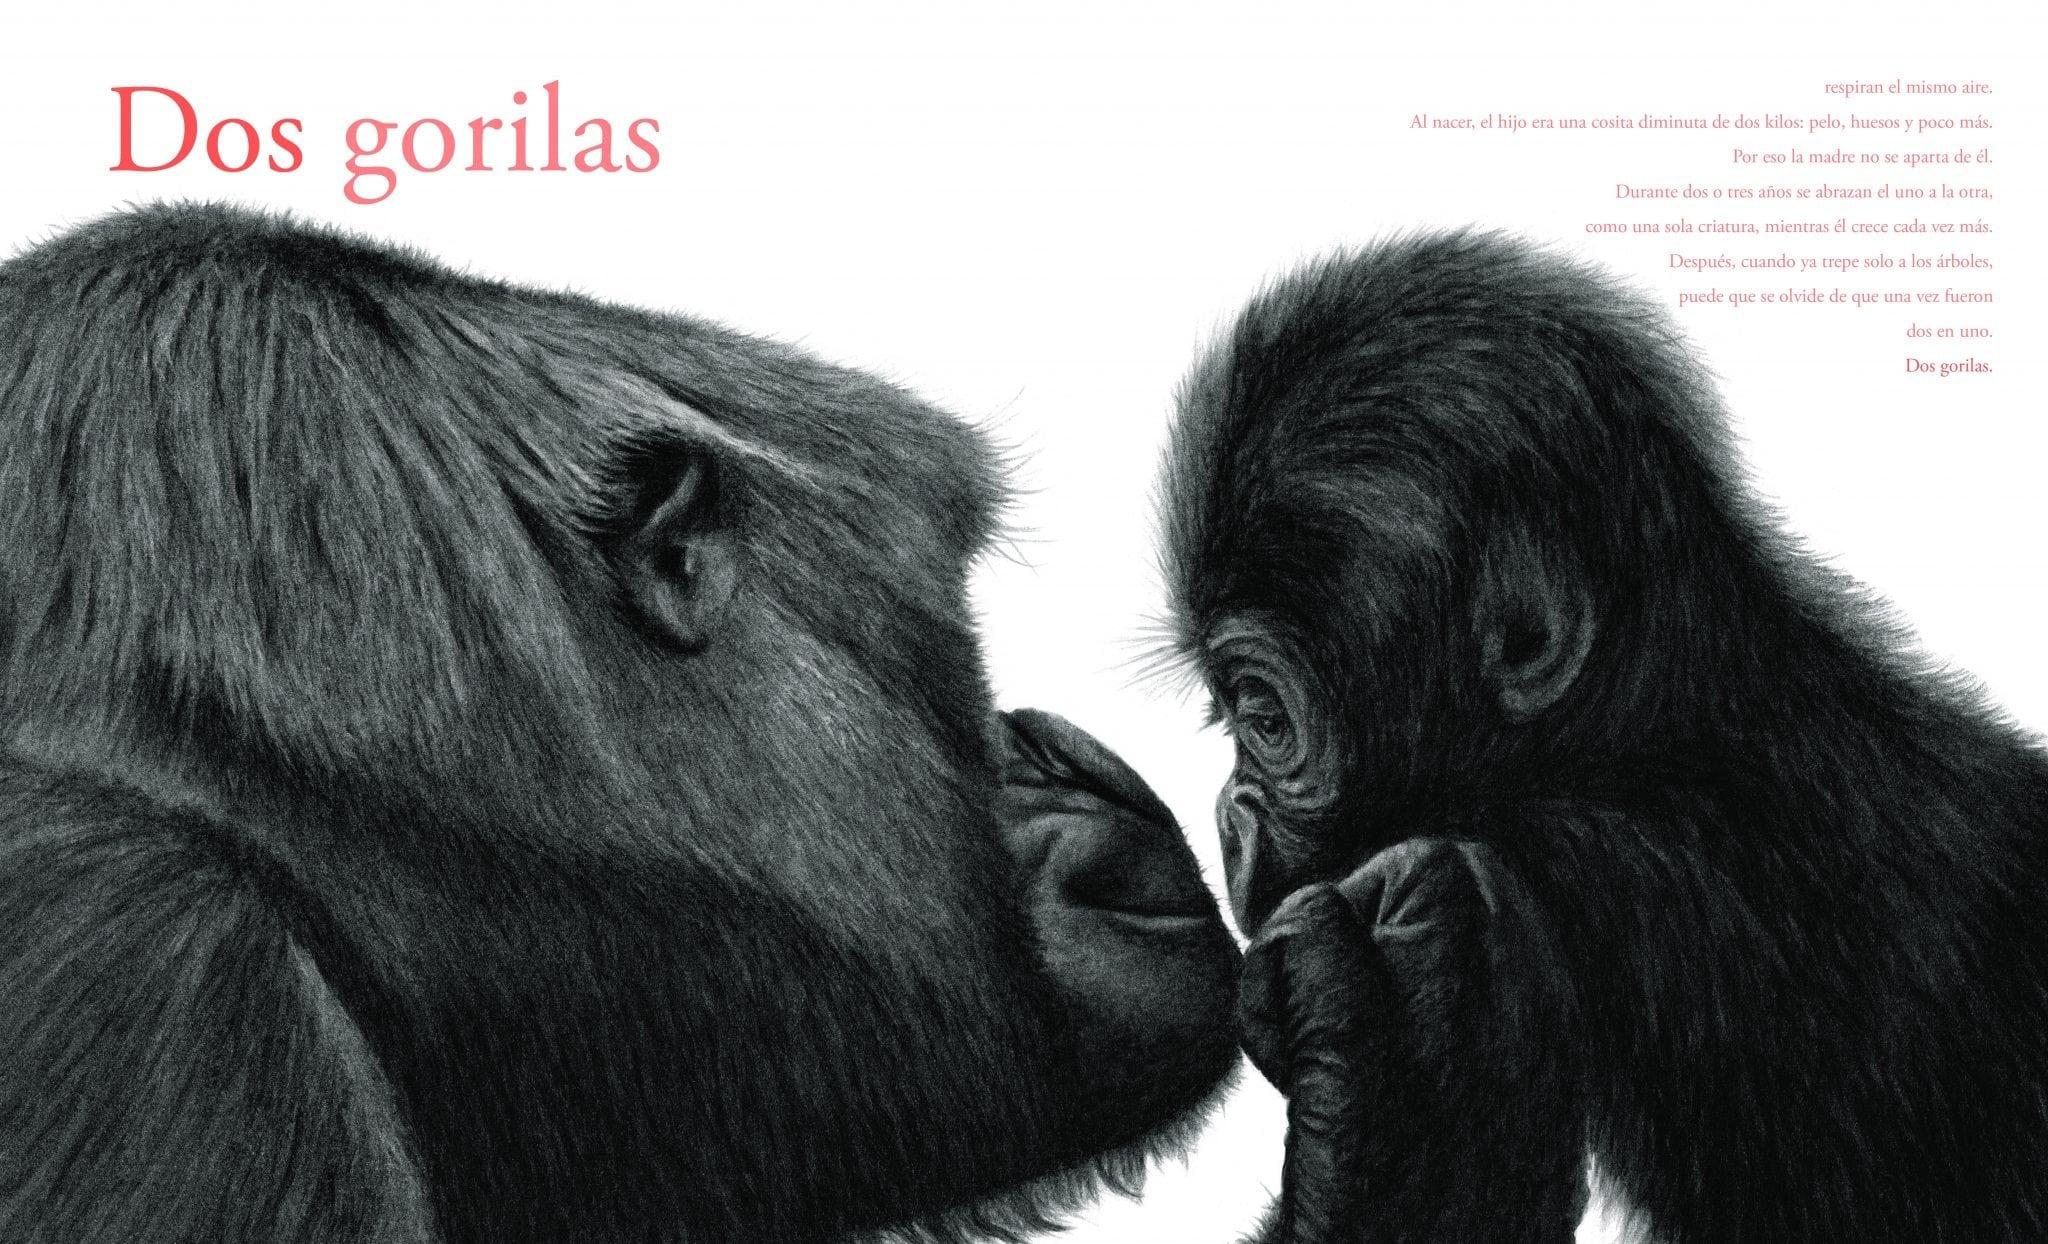 Estas evocadoras ilustraciones permiten a los lectores ver muy de cerca a las criaturas más indómitas de la naturaleza. Unos textos poéticos